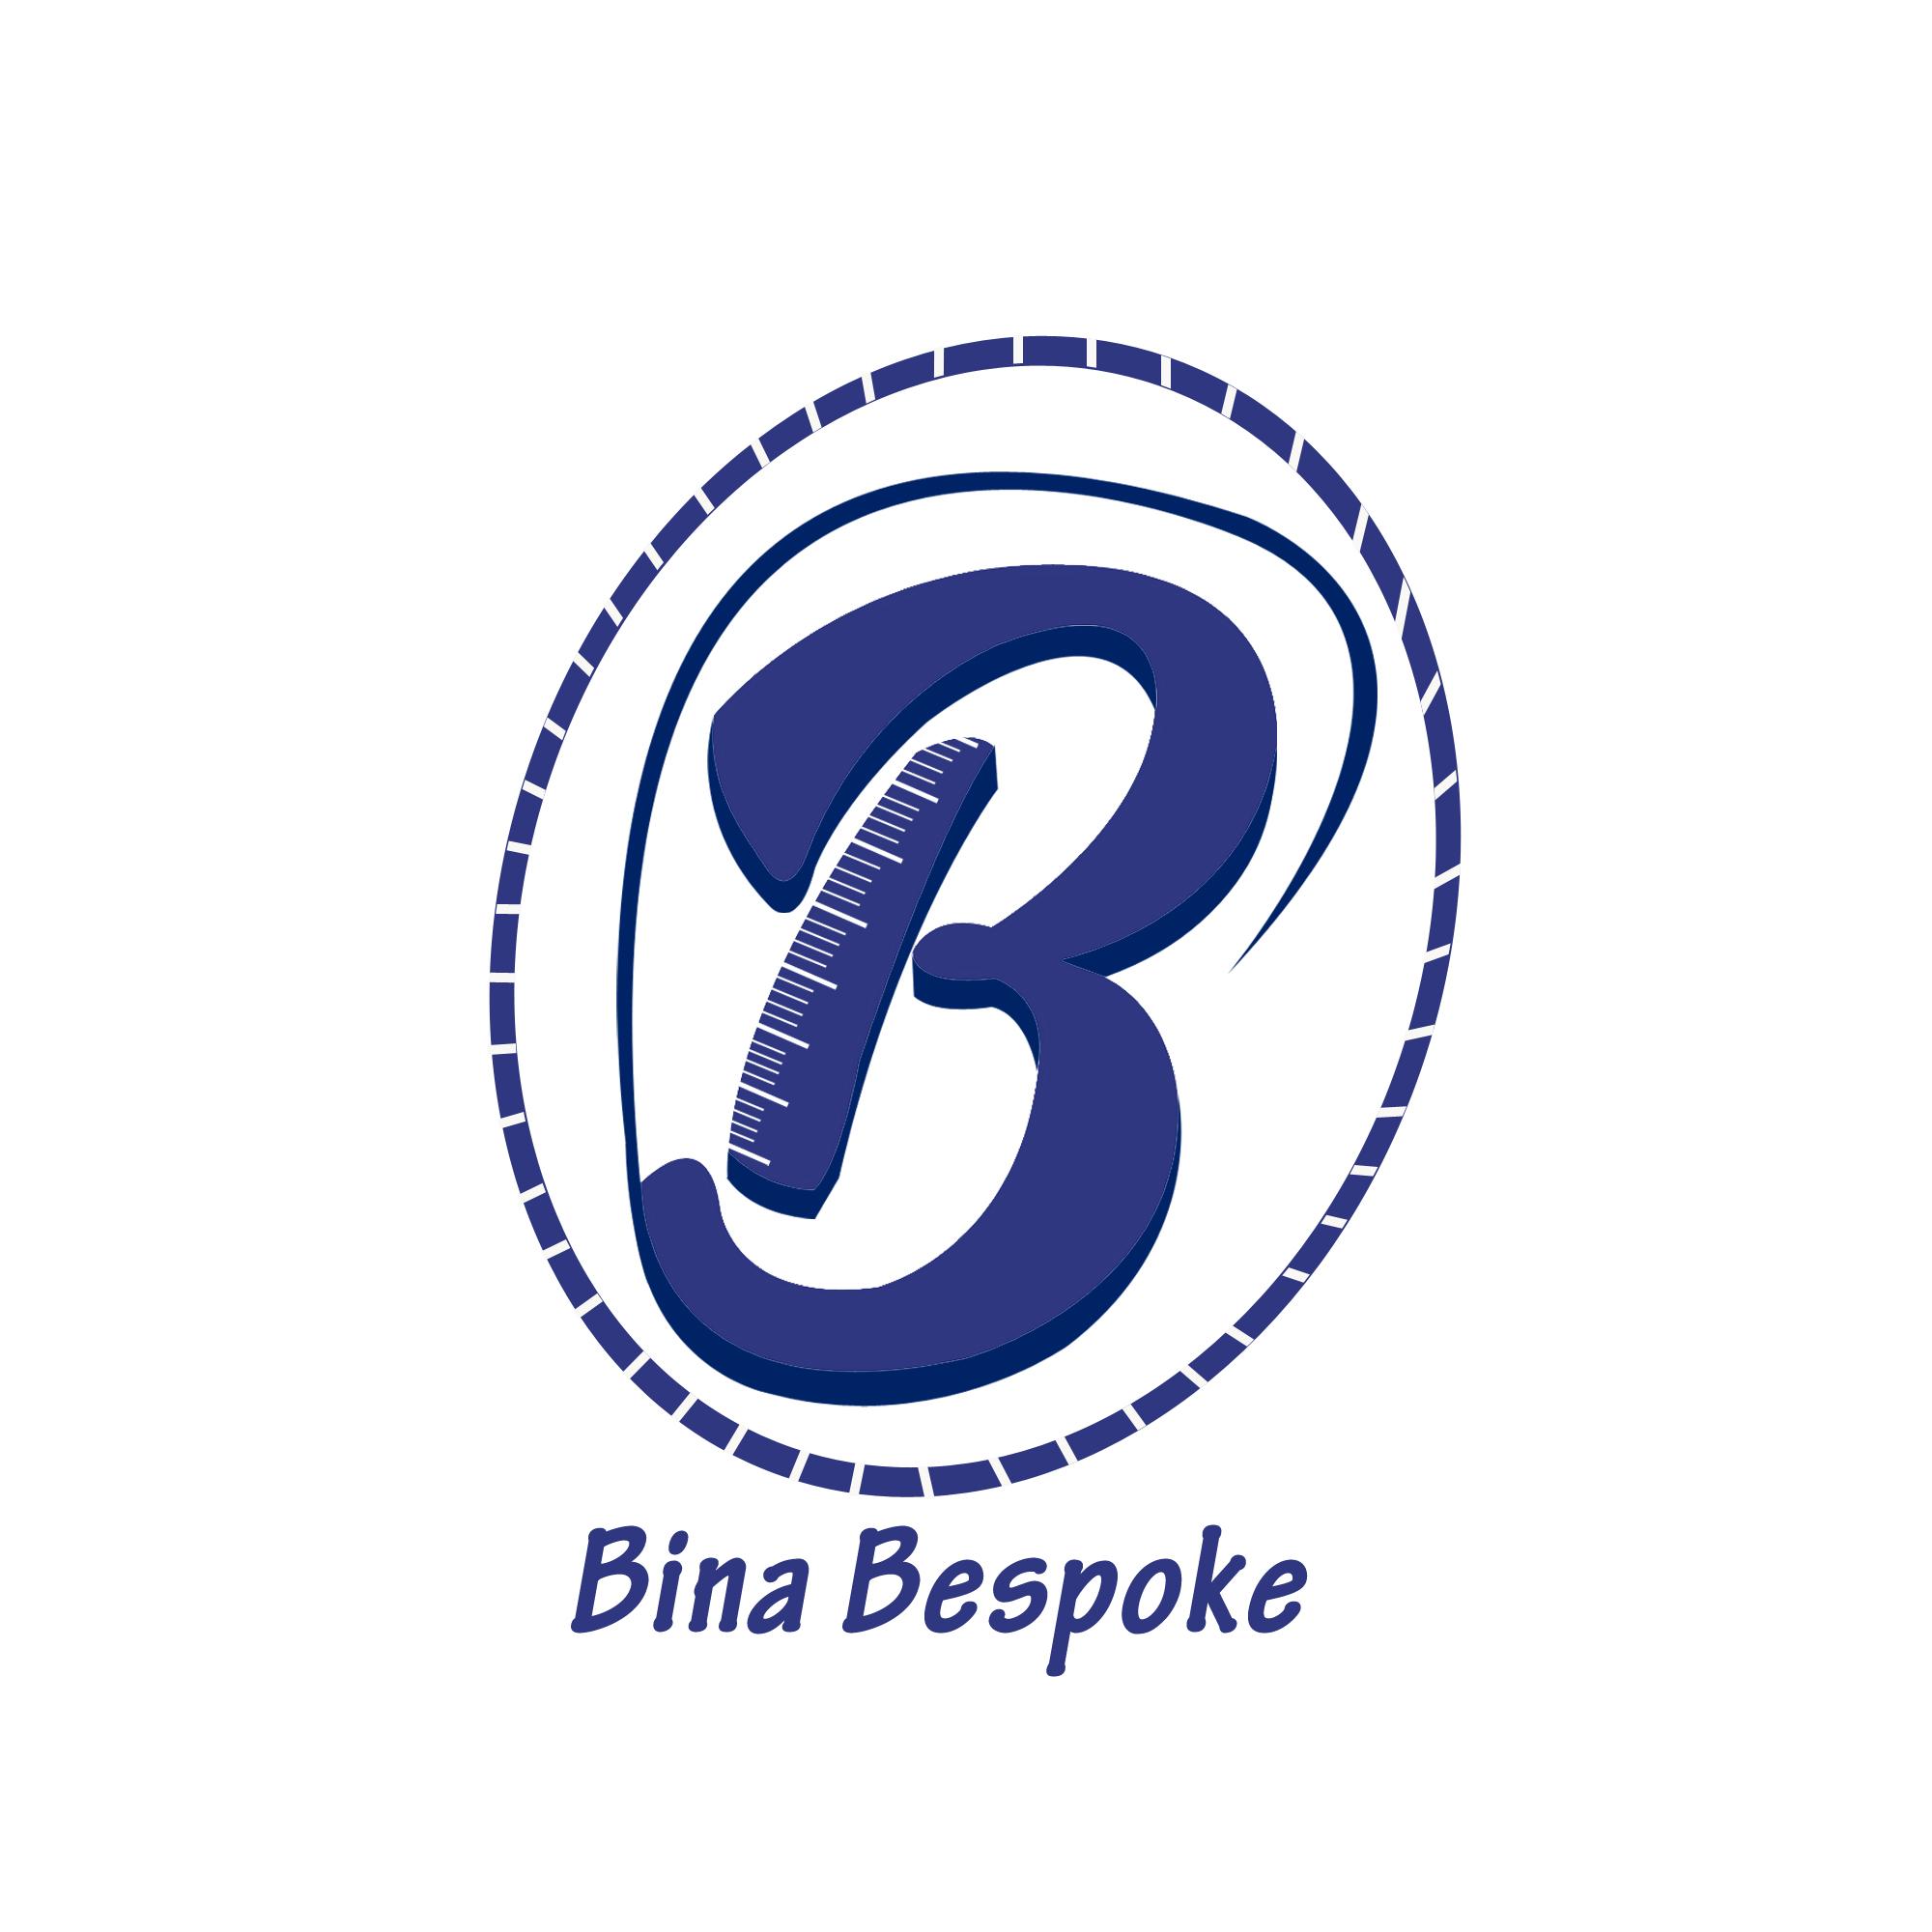 I will give you a modern,  unique,  minimalist logo design.